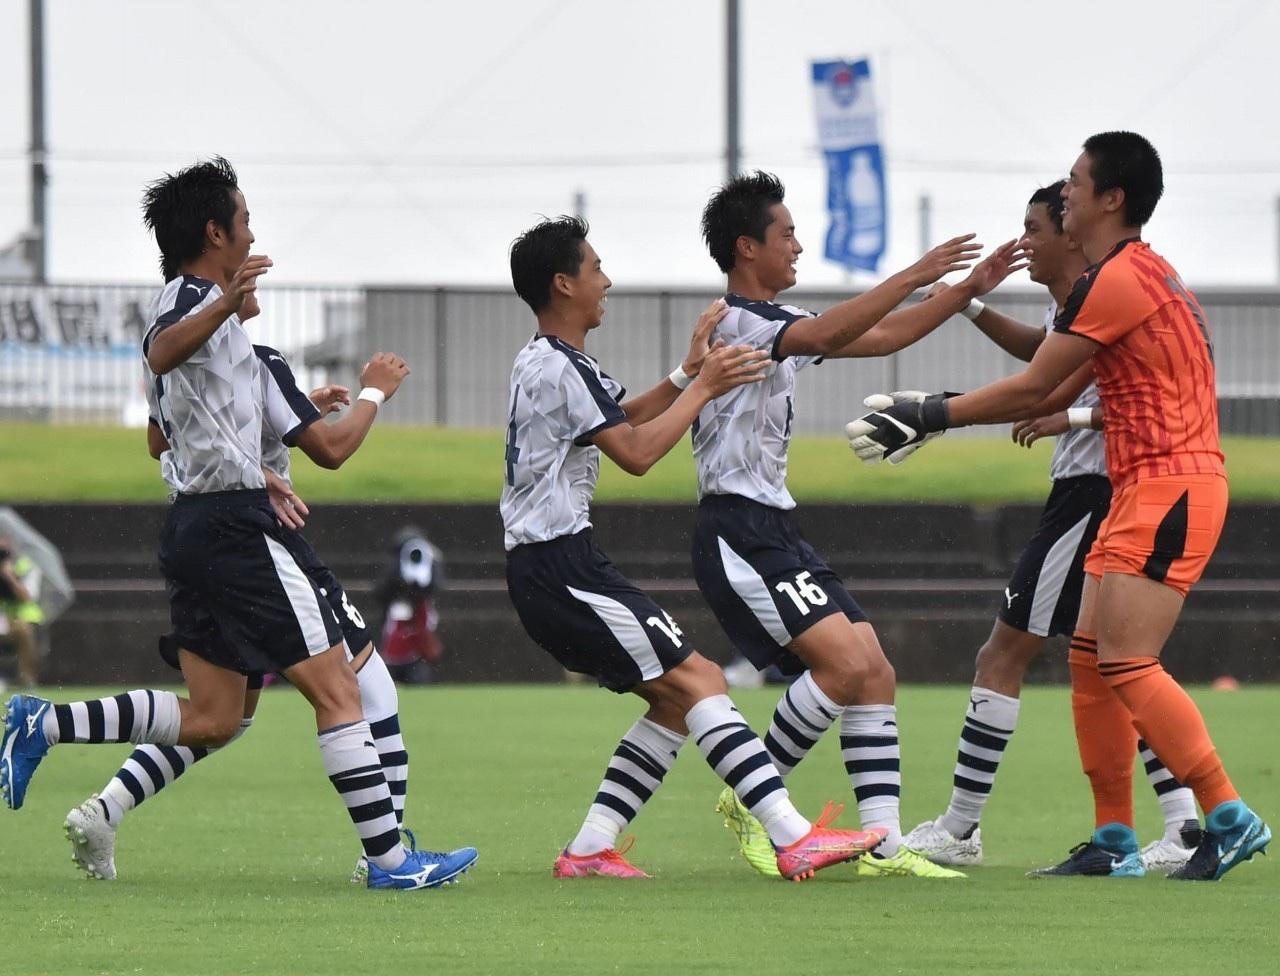 サッカー:インターハイ 1回戦 8/14 帝京戦 試合結果